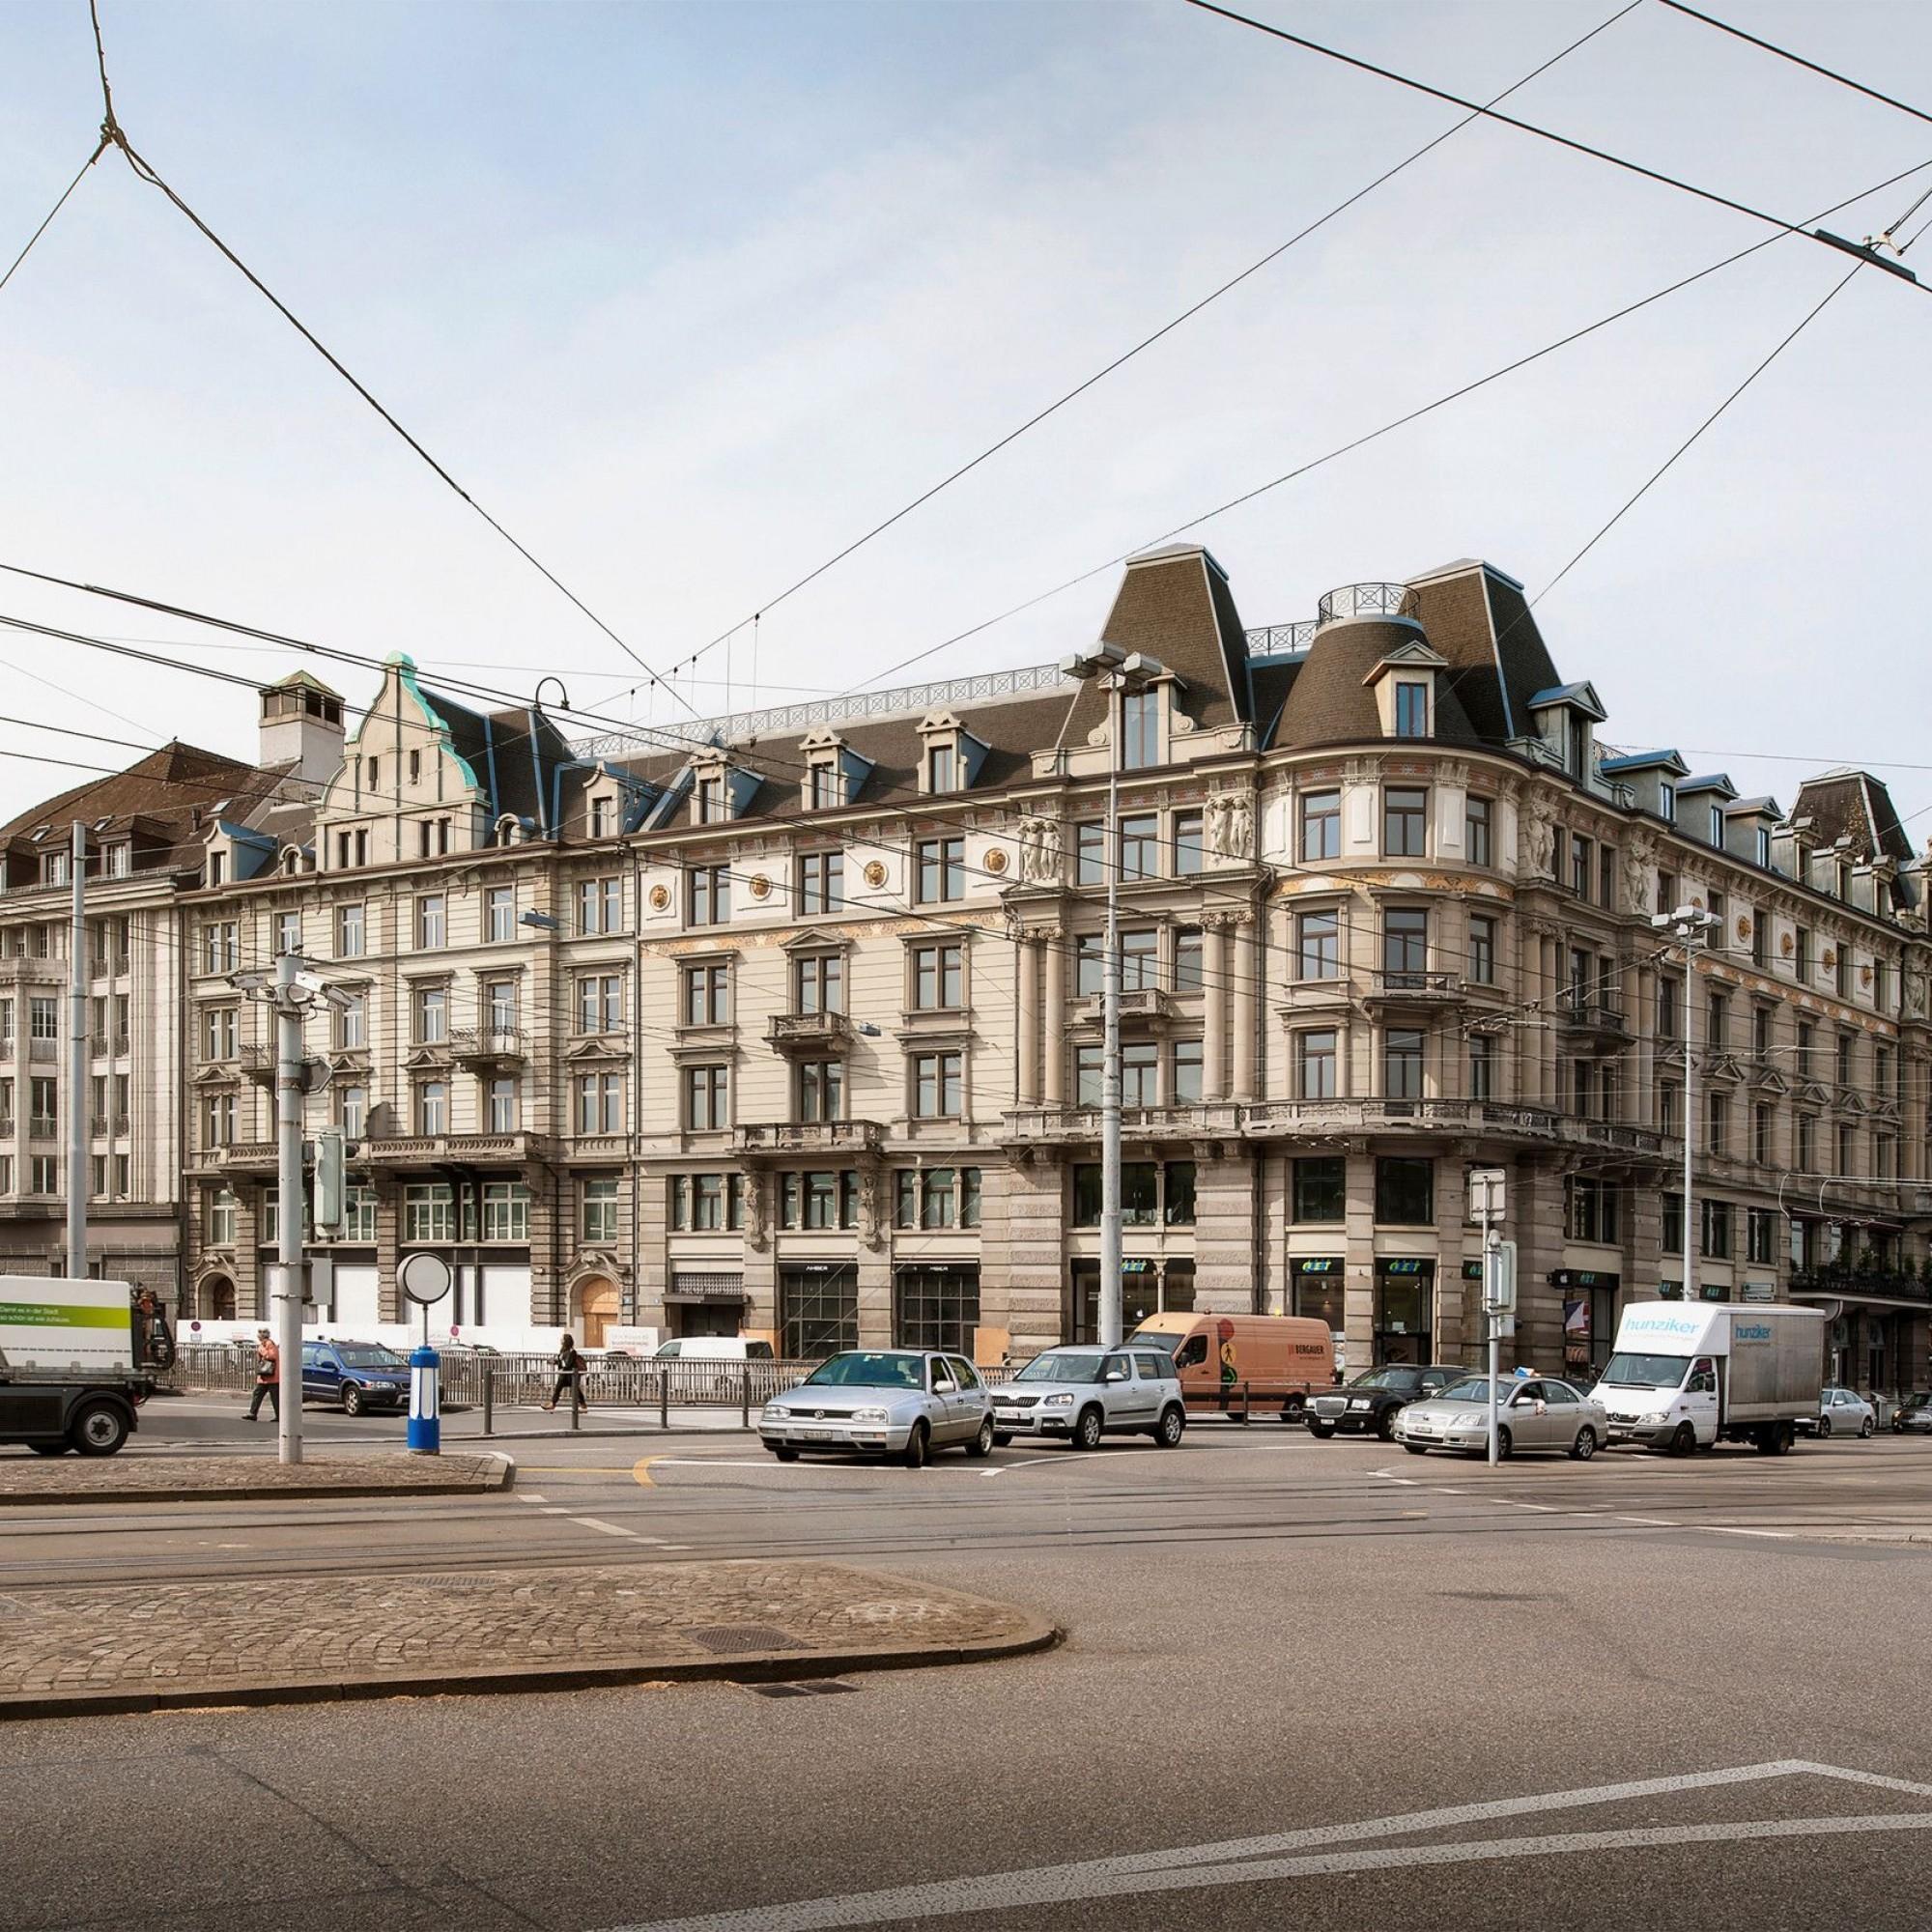 Visualisierung Blockrandbebauung am Zürcher Bahnhofplatz